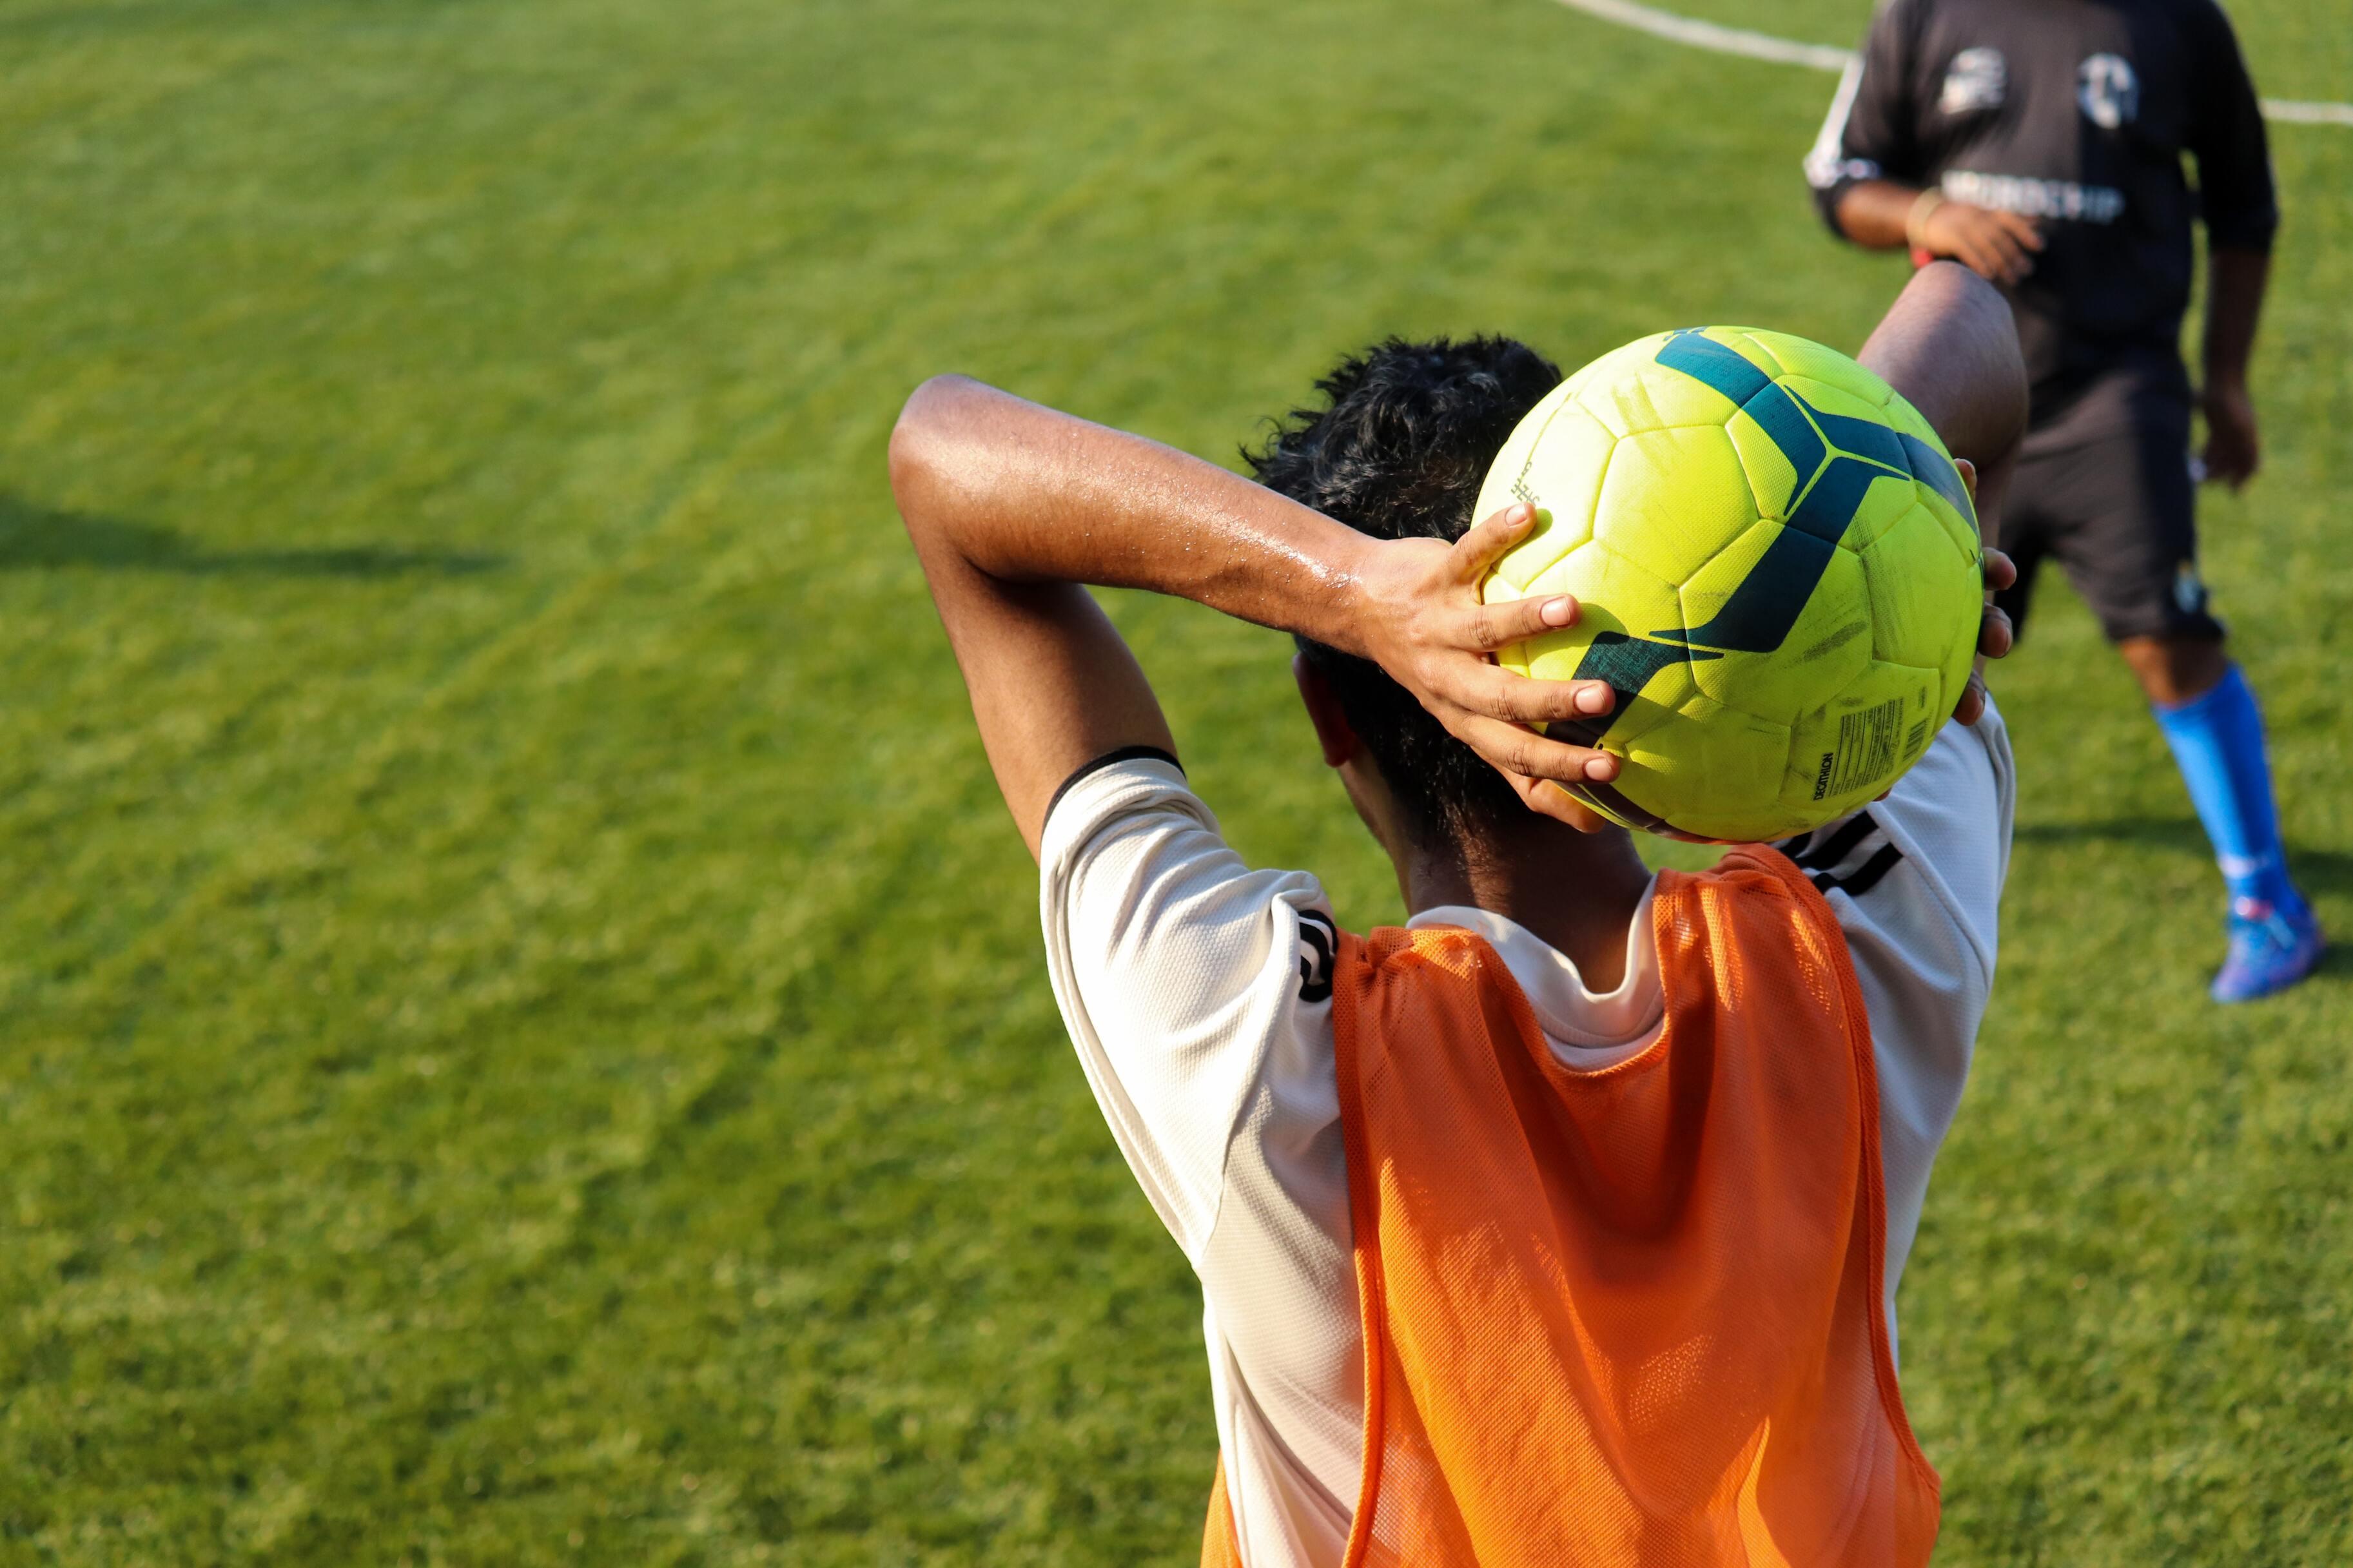 ФИФА в 2020 году заработала больше на играх и фильмах, чем на реальном футболе